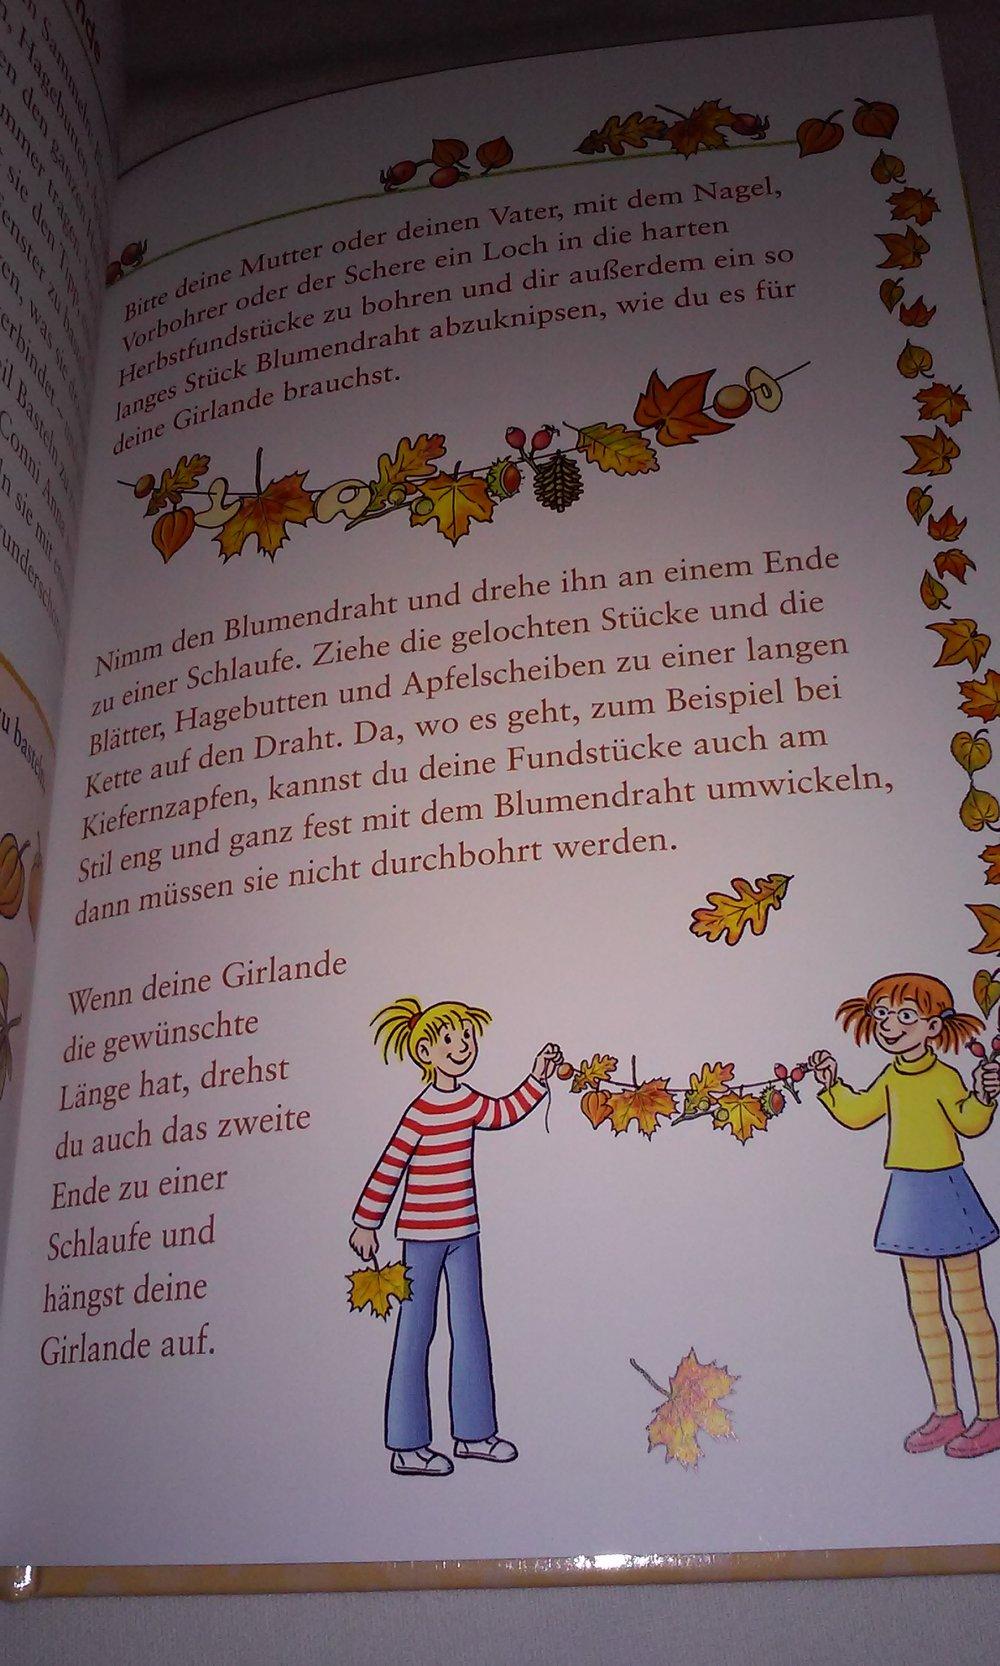 Ausgezeichnet Papier Umwickelt Blumendraht Galerie - Der Schaltplan ...